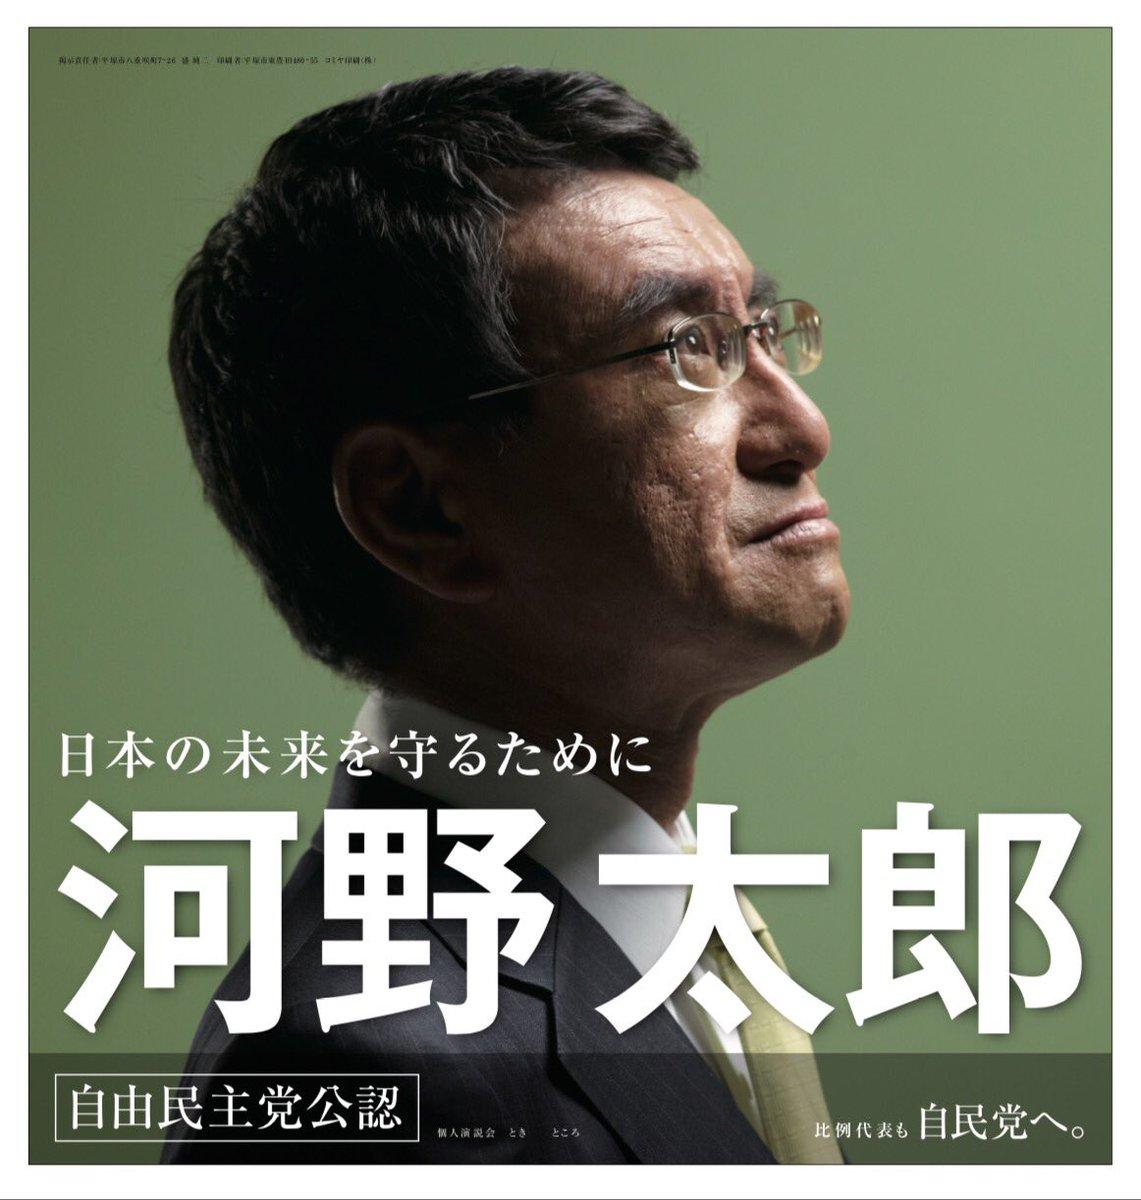 ぜひ、リツイートをお願いします!  第48回総選挙が始まりました。 私は今回も神奈川第15区(茅ヶ崎市、平塚市、大磯町、二宮町)で立候補いたしました。 皆様の変わらぬご支援よろしくお願いします。 https://t.co/VtAmpDj6Wf